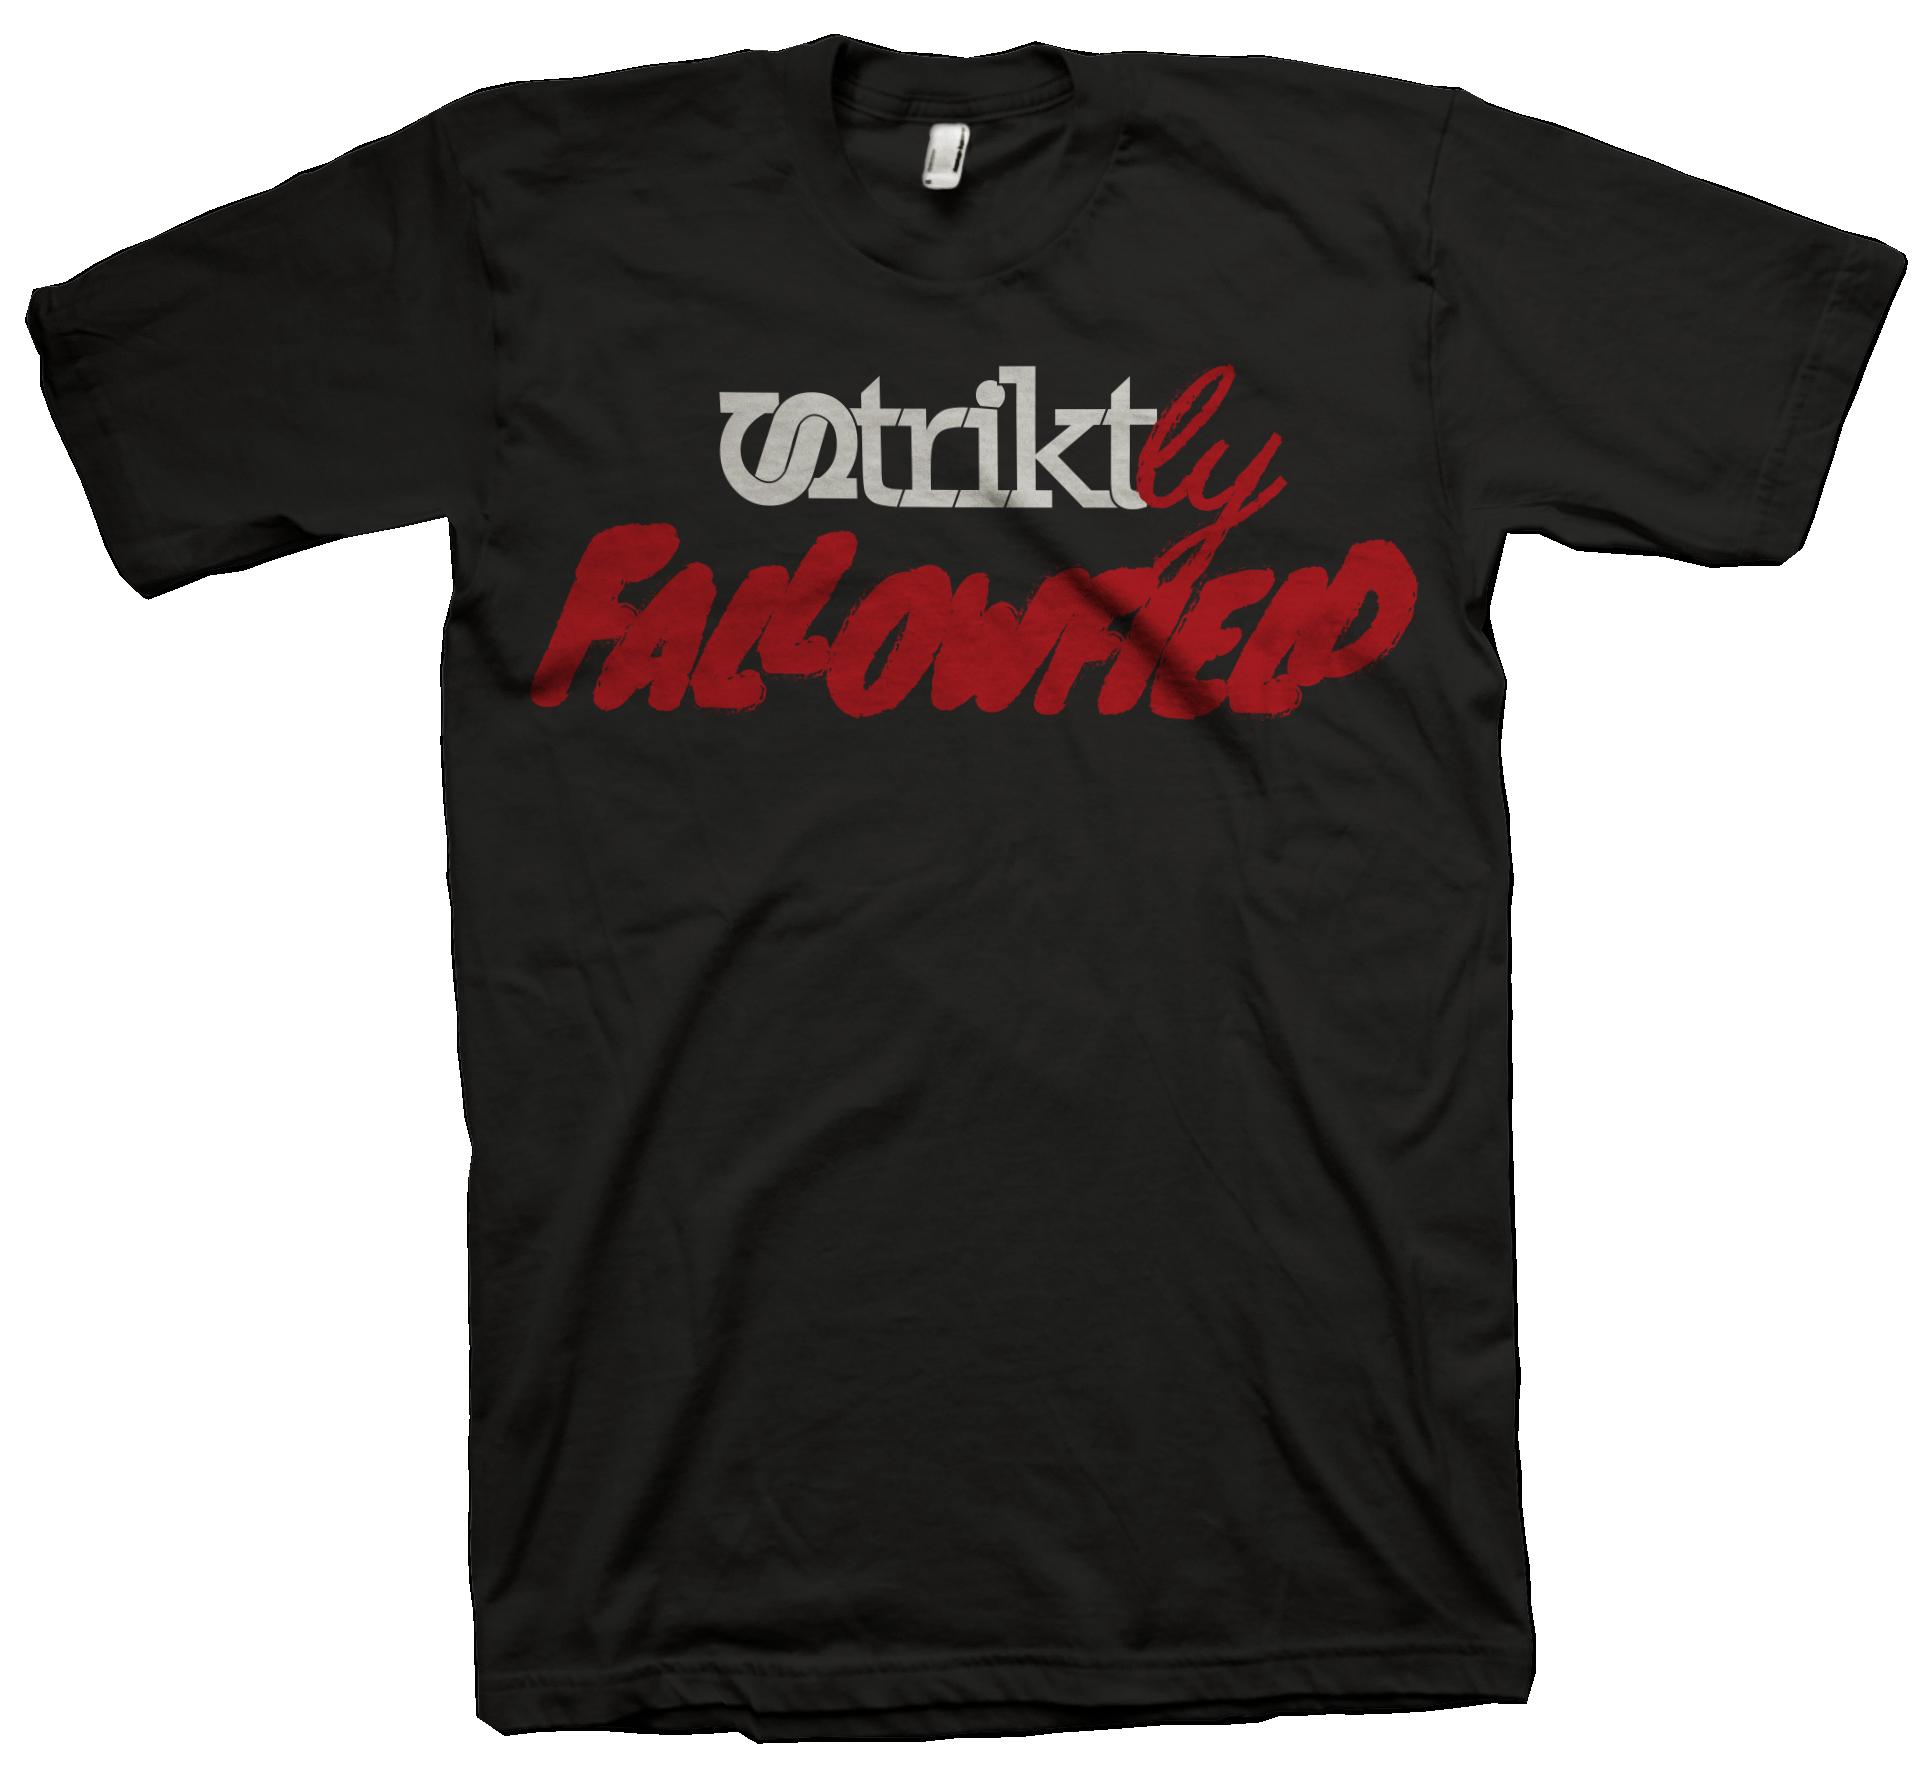 TSHIRT Striktly Fallowfield BLACK.png